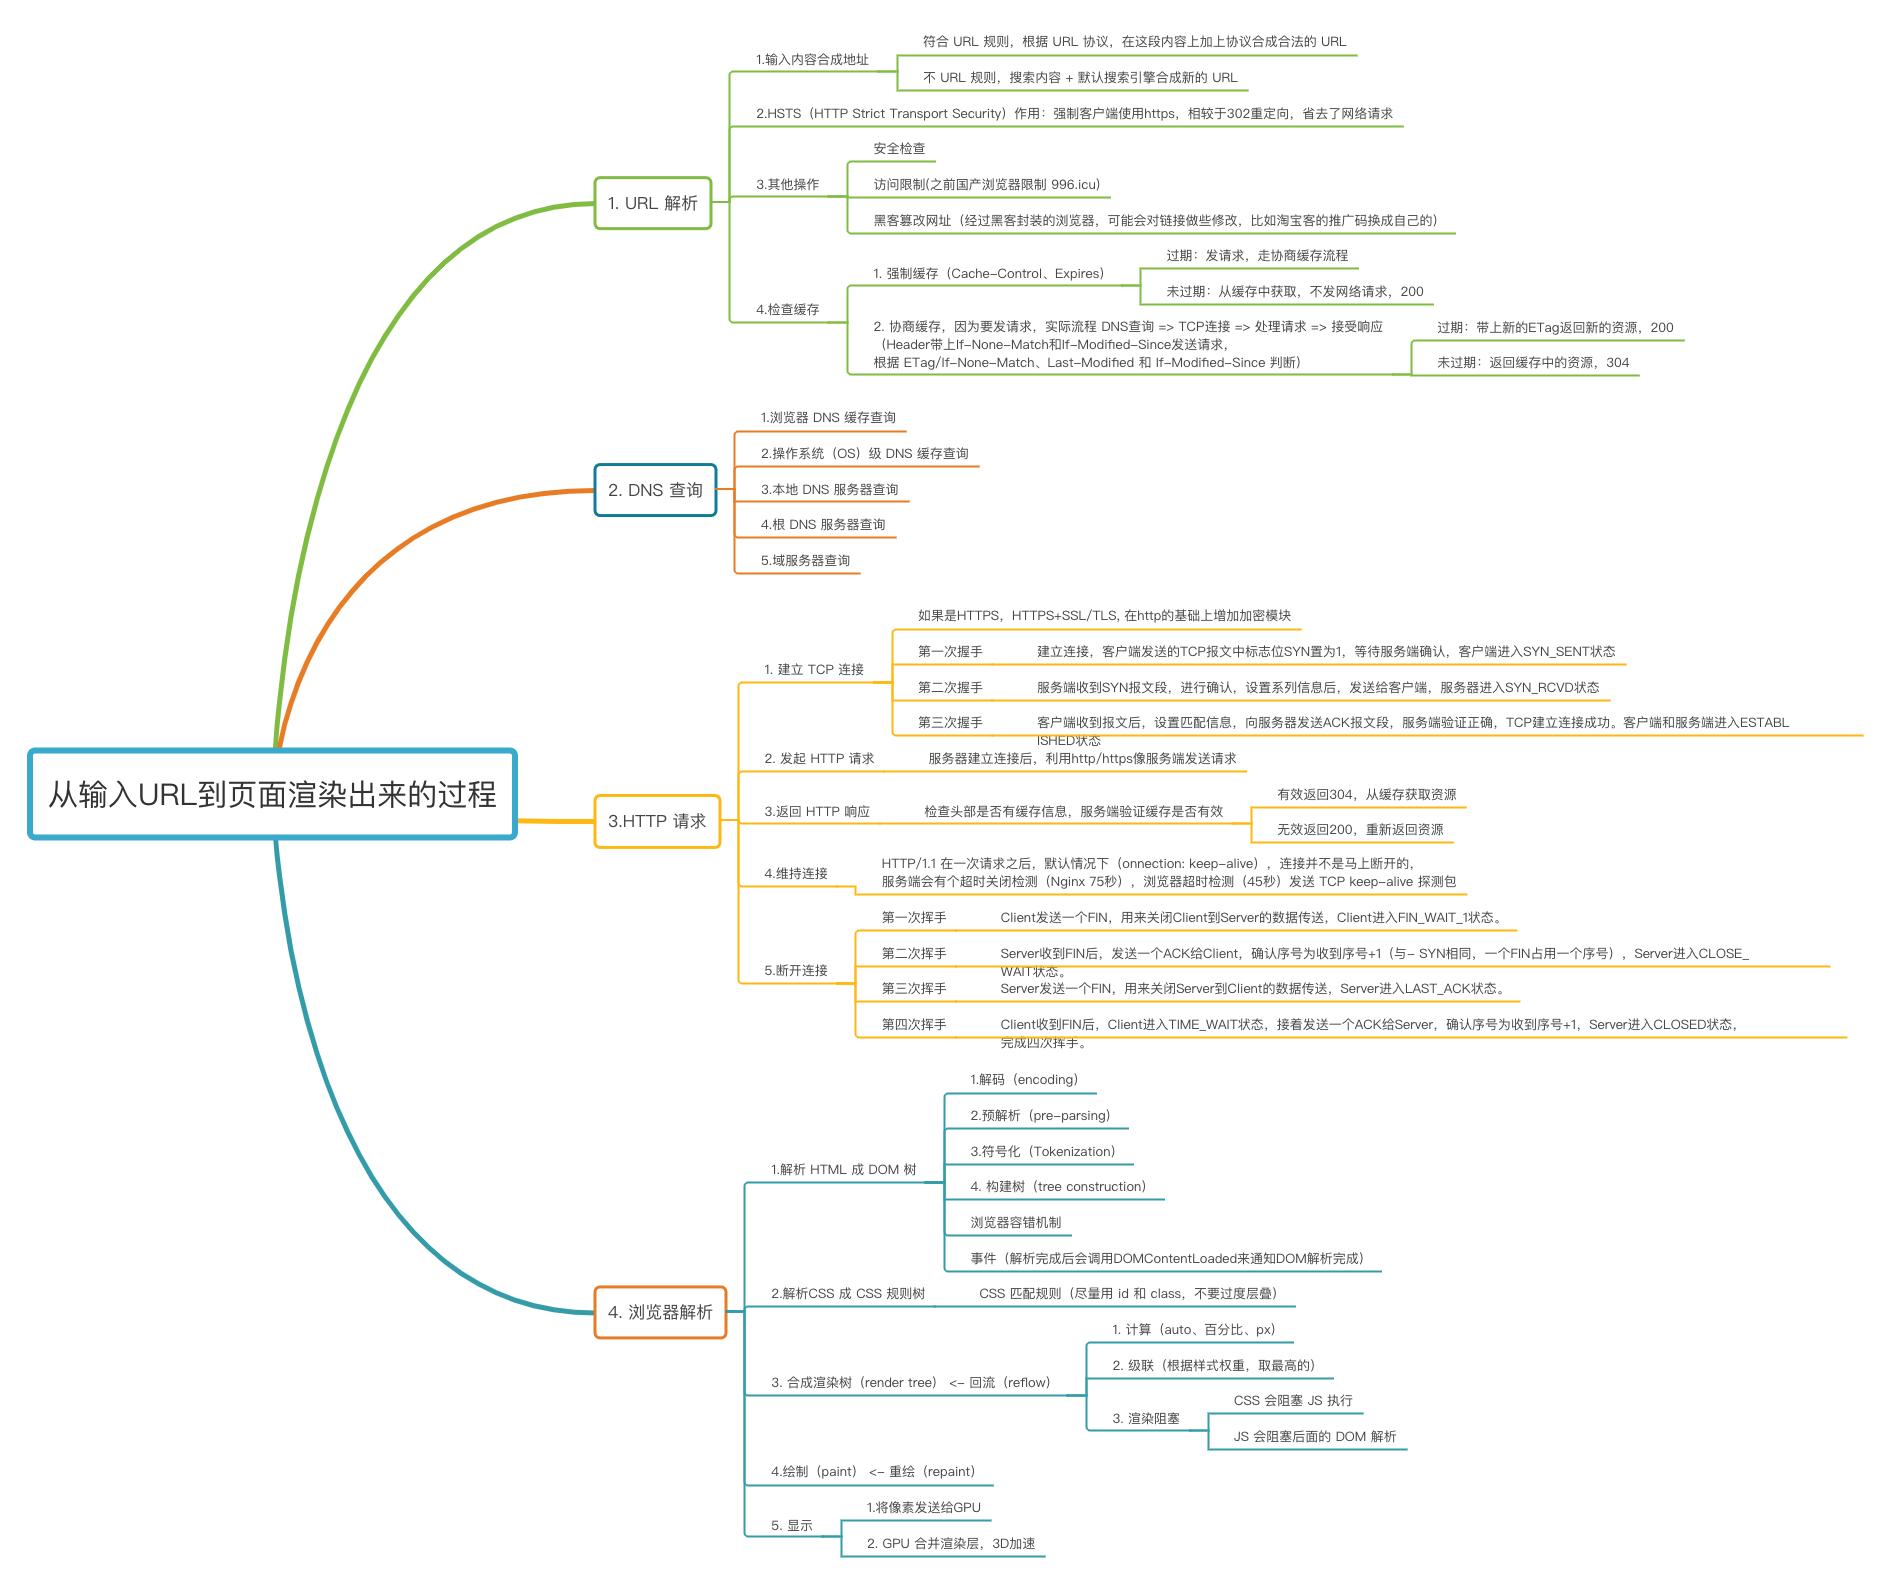 从输入URL到页面渲染出来的过程